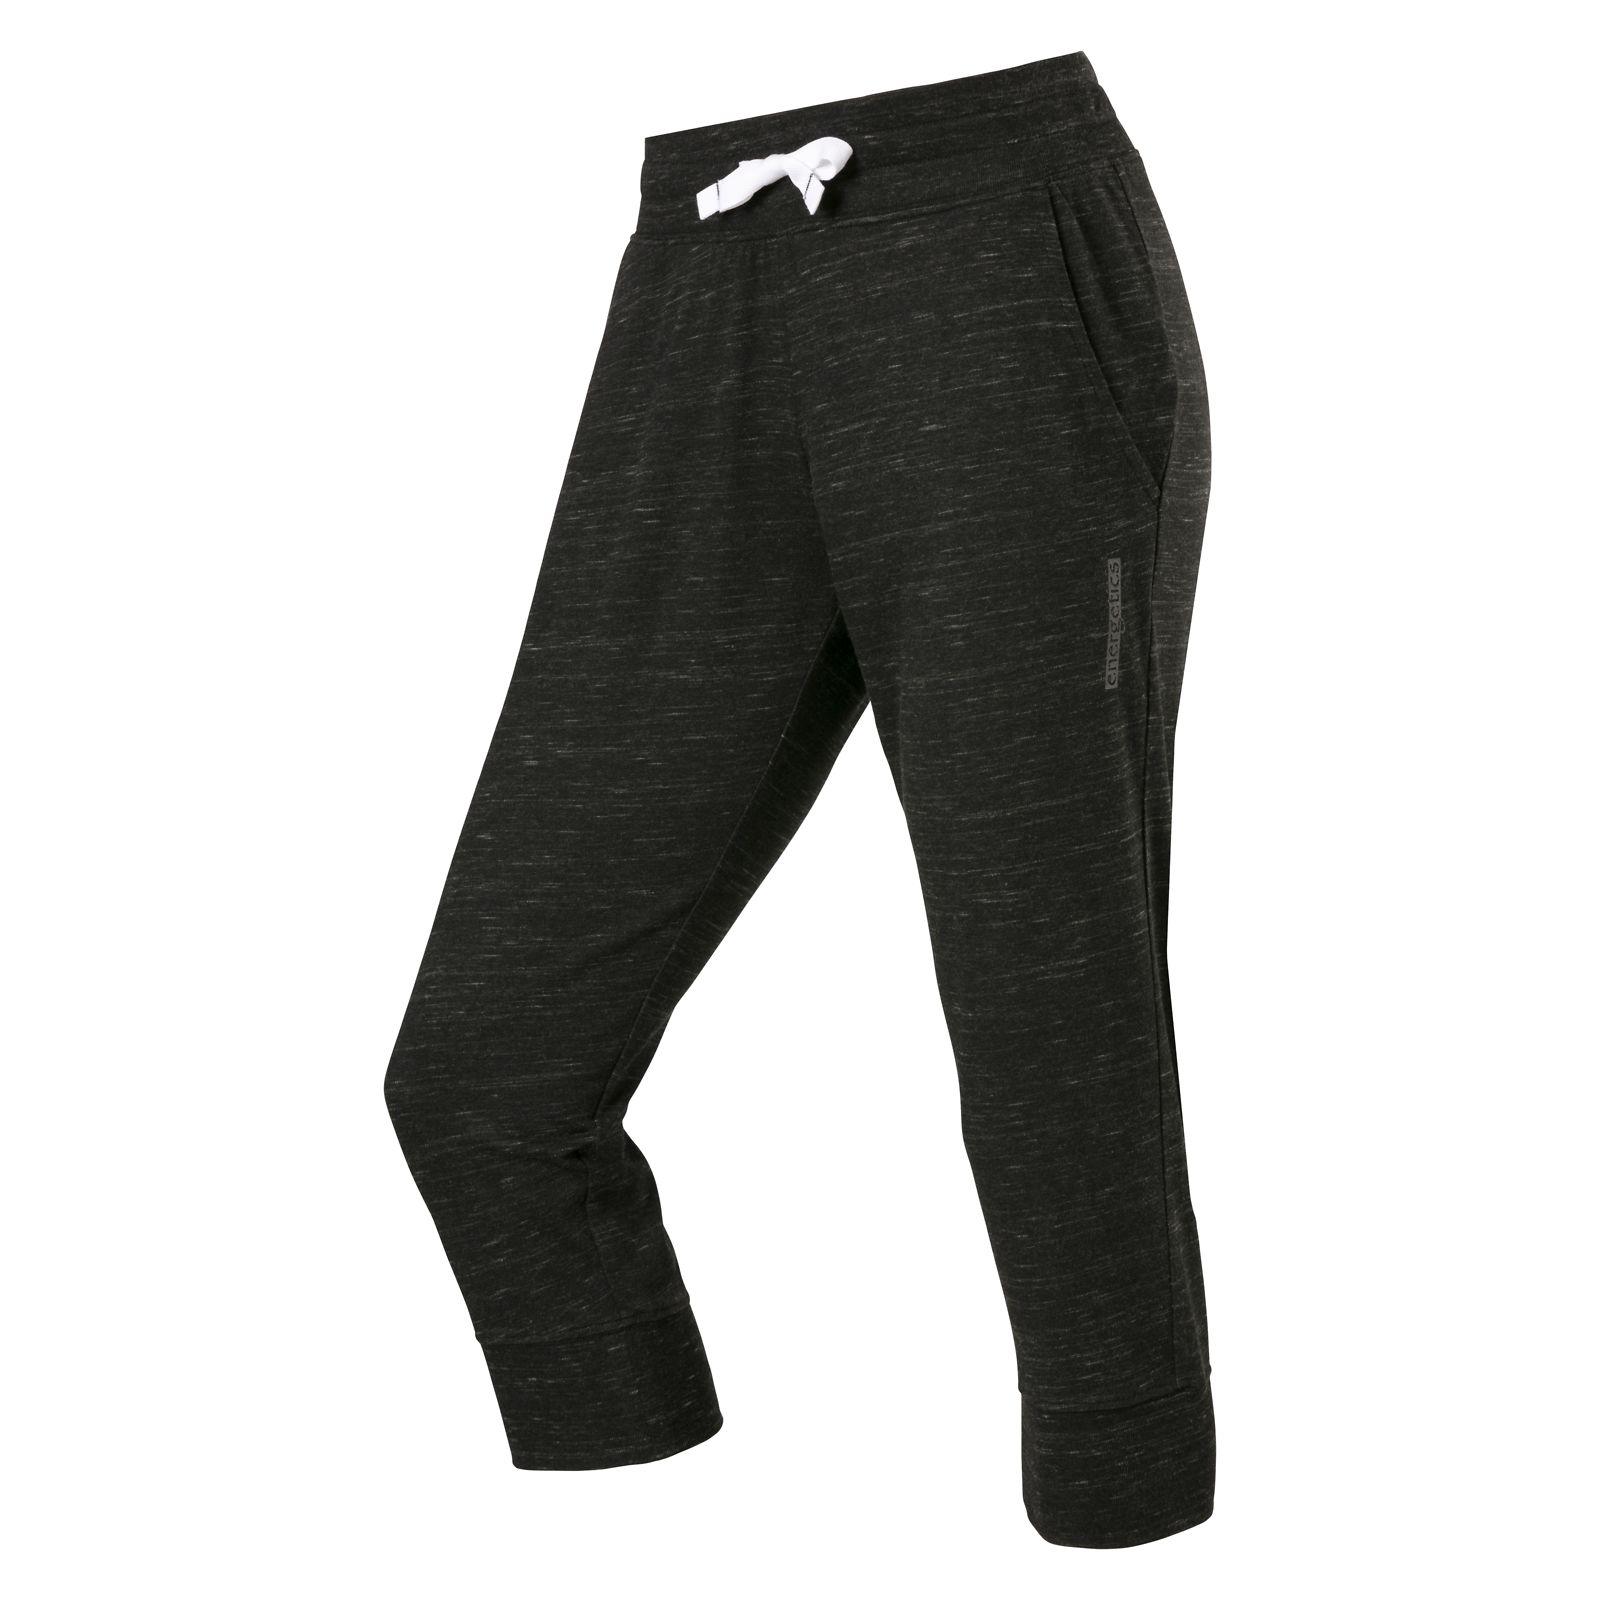 Spodnie Energetics Carolen 4 W 280910